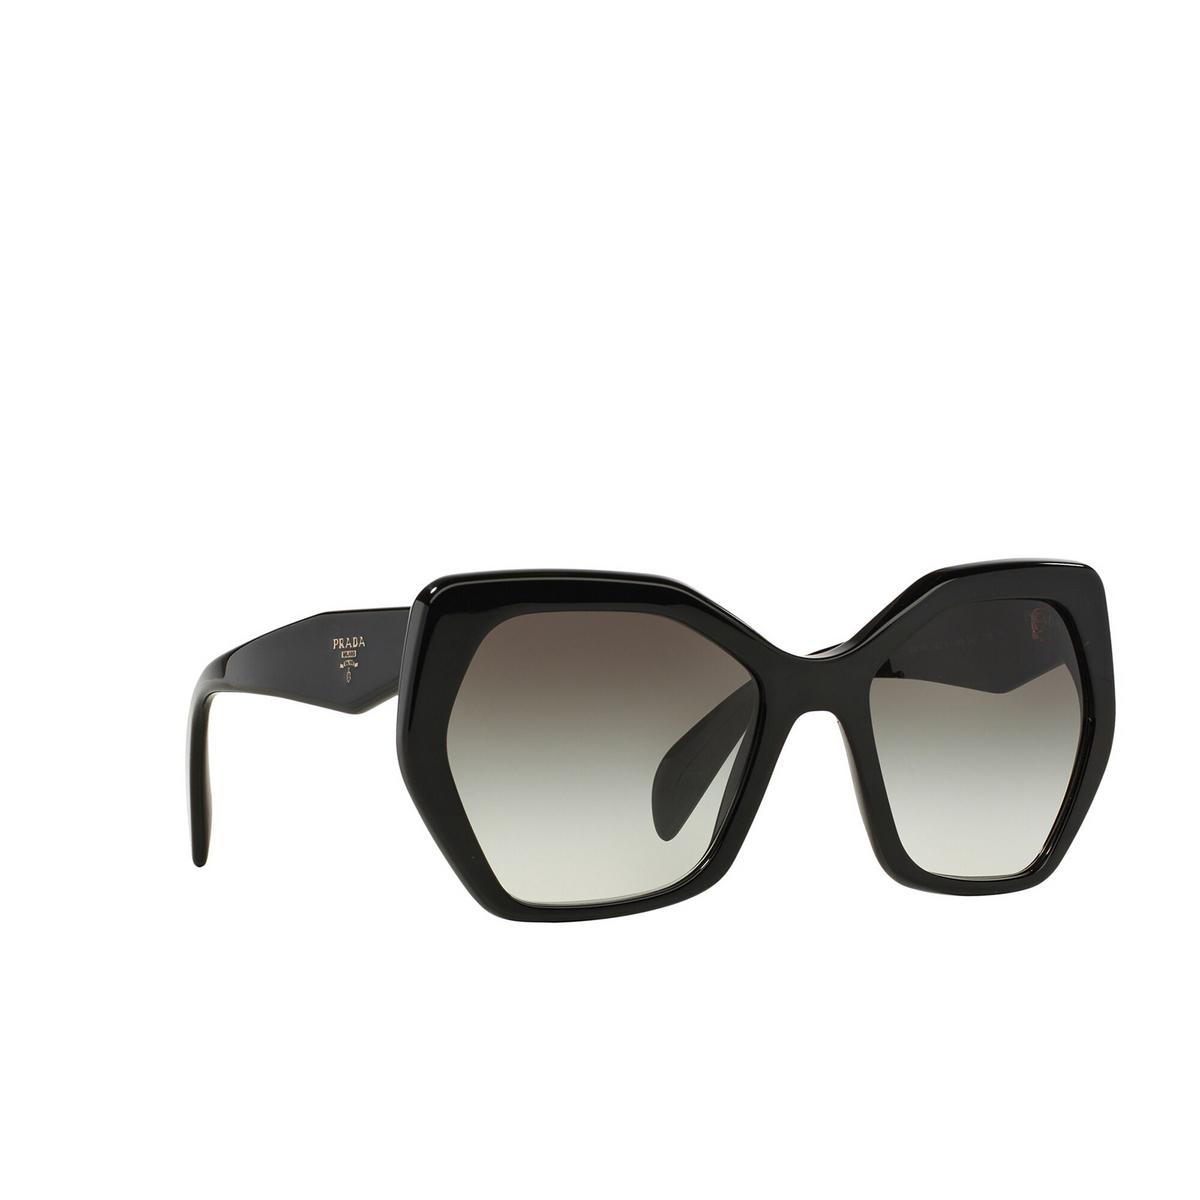 Prada® Irregular Sunglasses: Heritage PR 16RS color Black 1AB0A7 - three-quarters view.